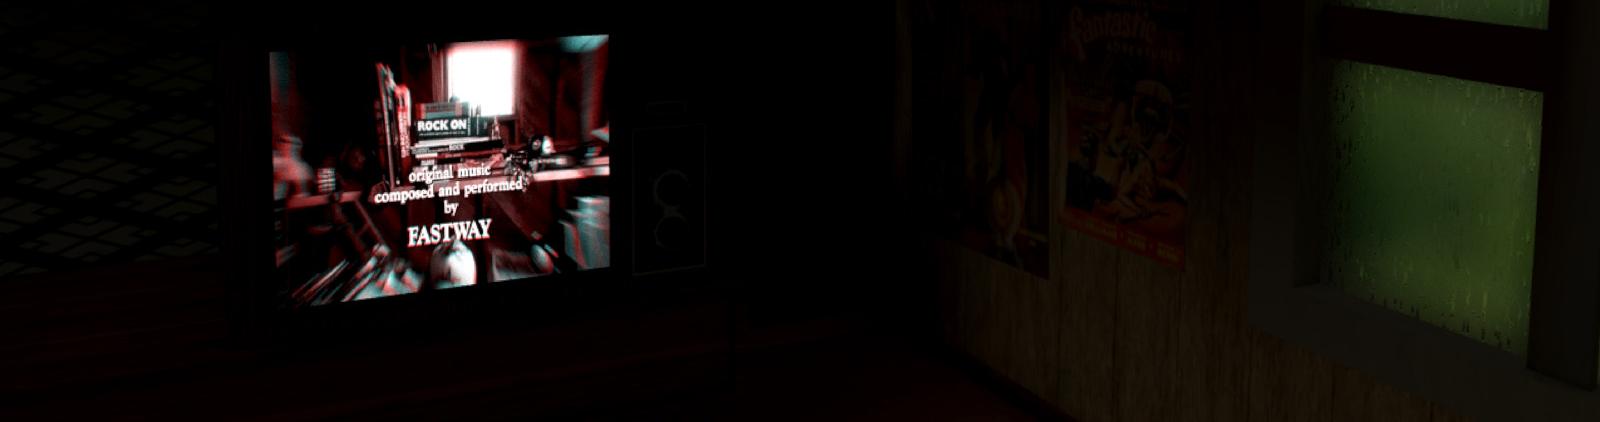 Cathode Ray Tube VR